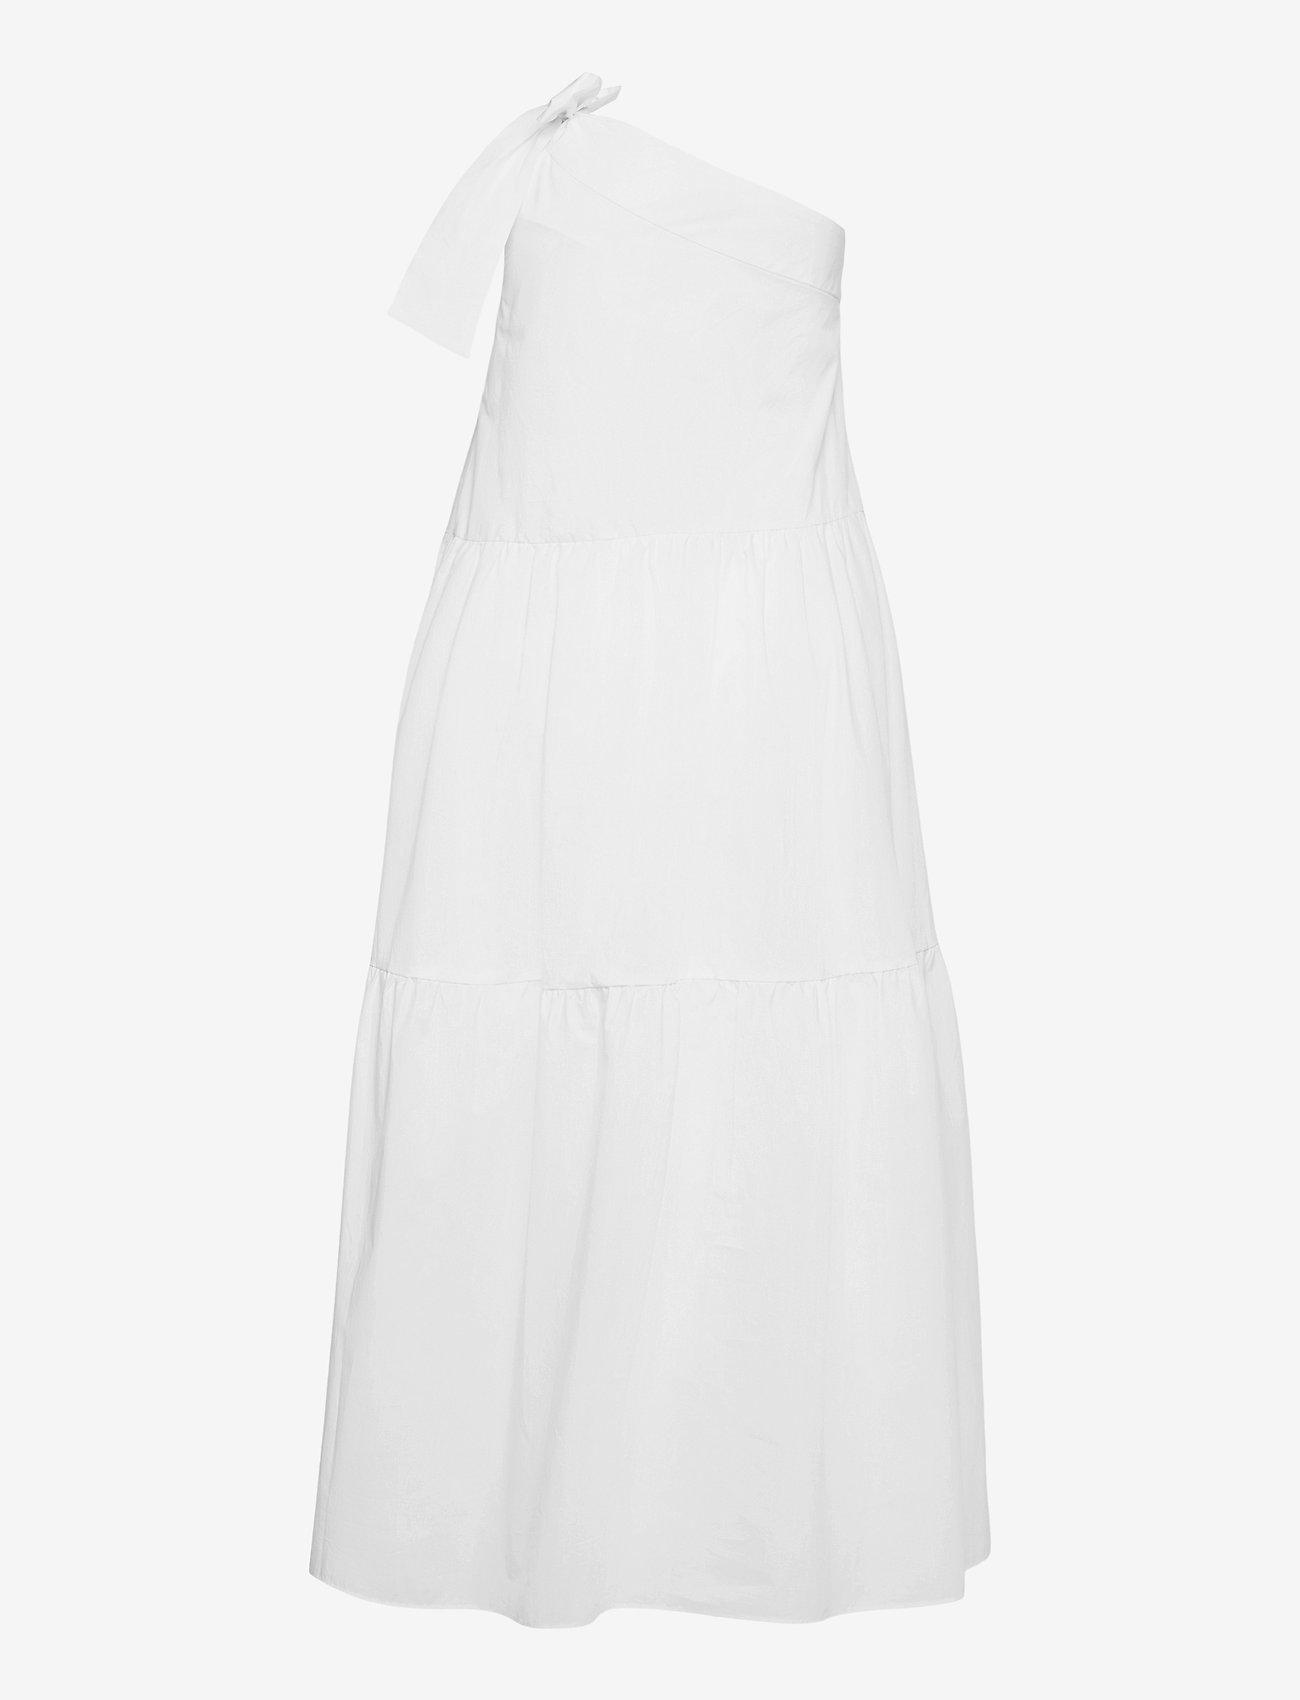 Ivy & Oak - ONE SHOULDER DRESS MAXI LENGHT - sommerkjoler - bright white - 1